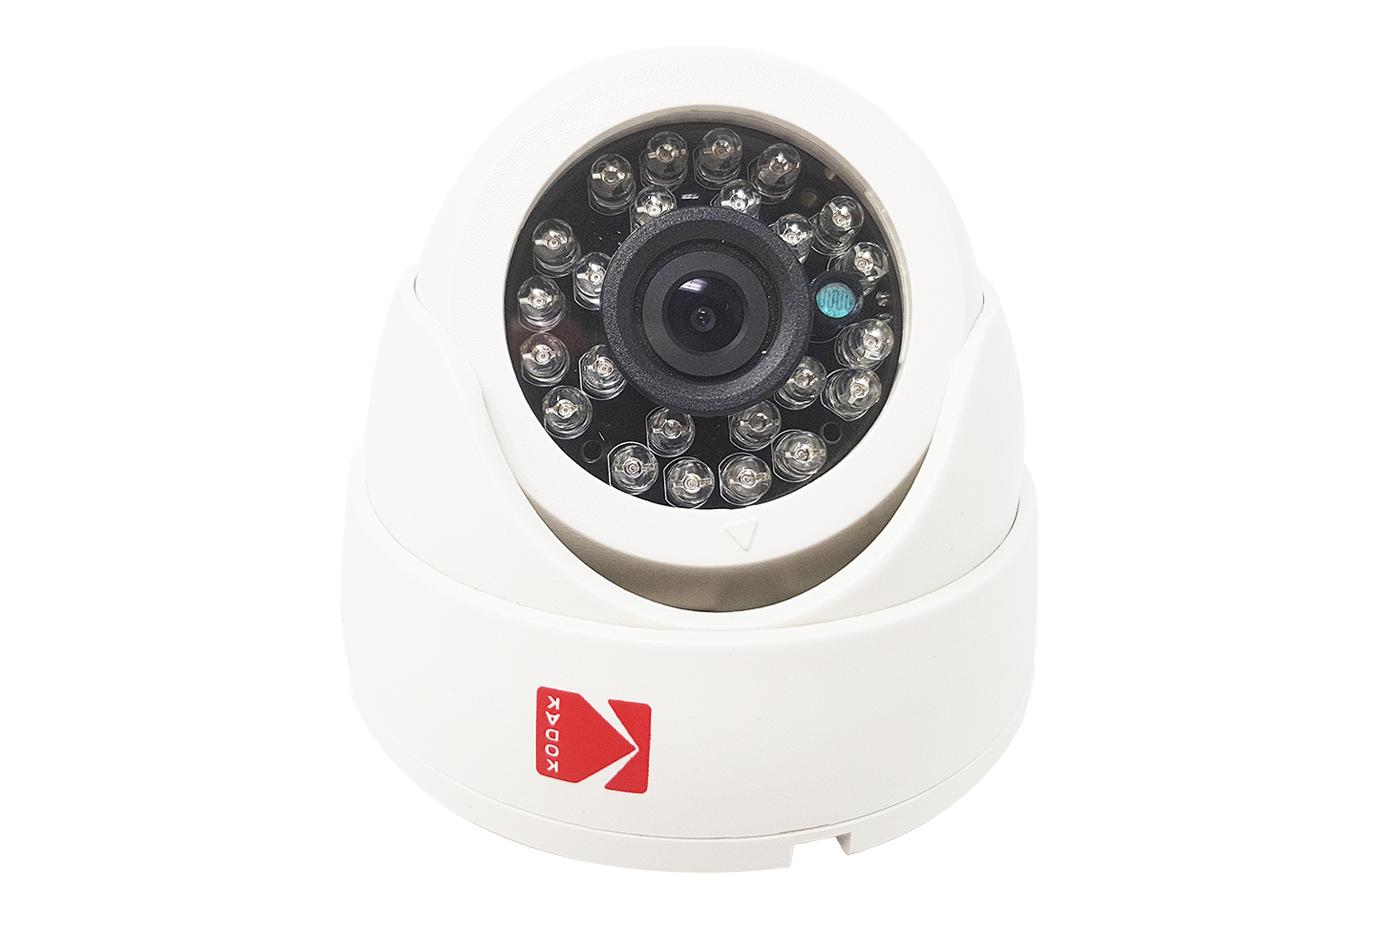 Plafoniera Da Esterno Con Telecamera : Bes analogiche beselettronica telecamera